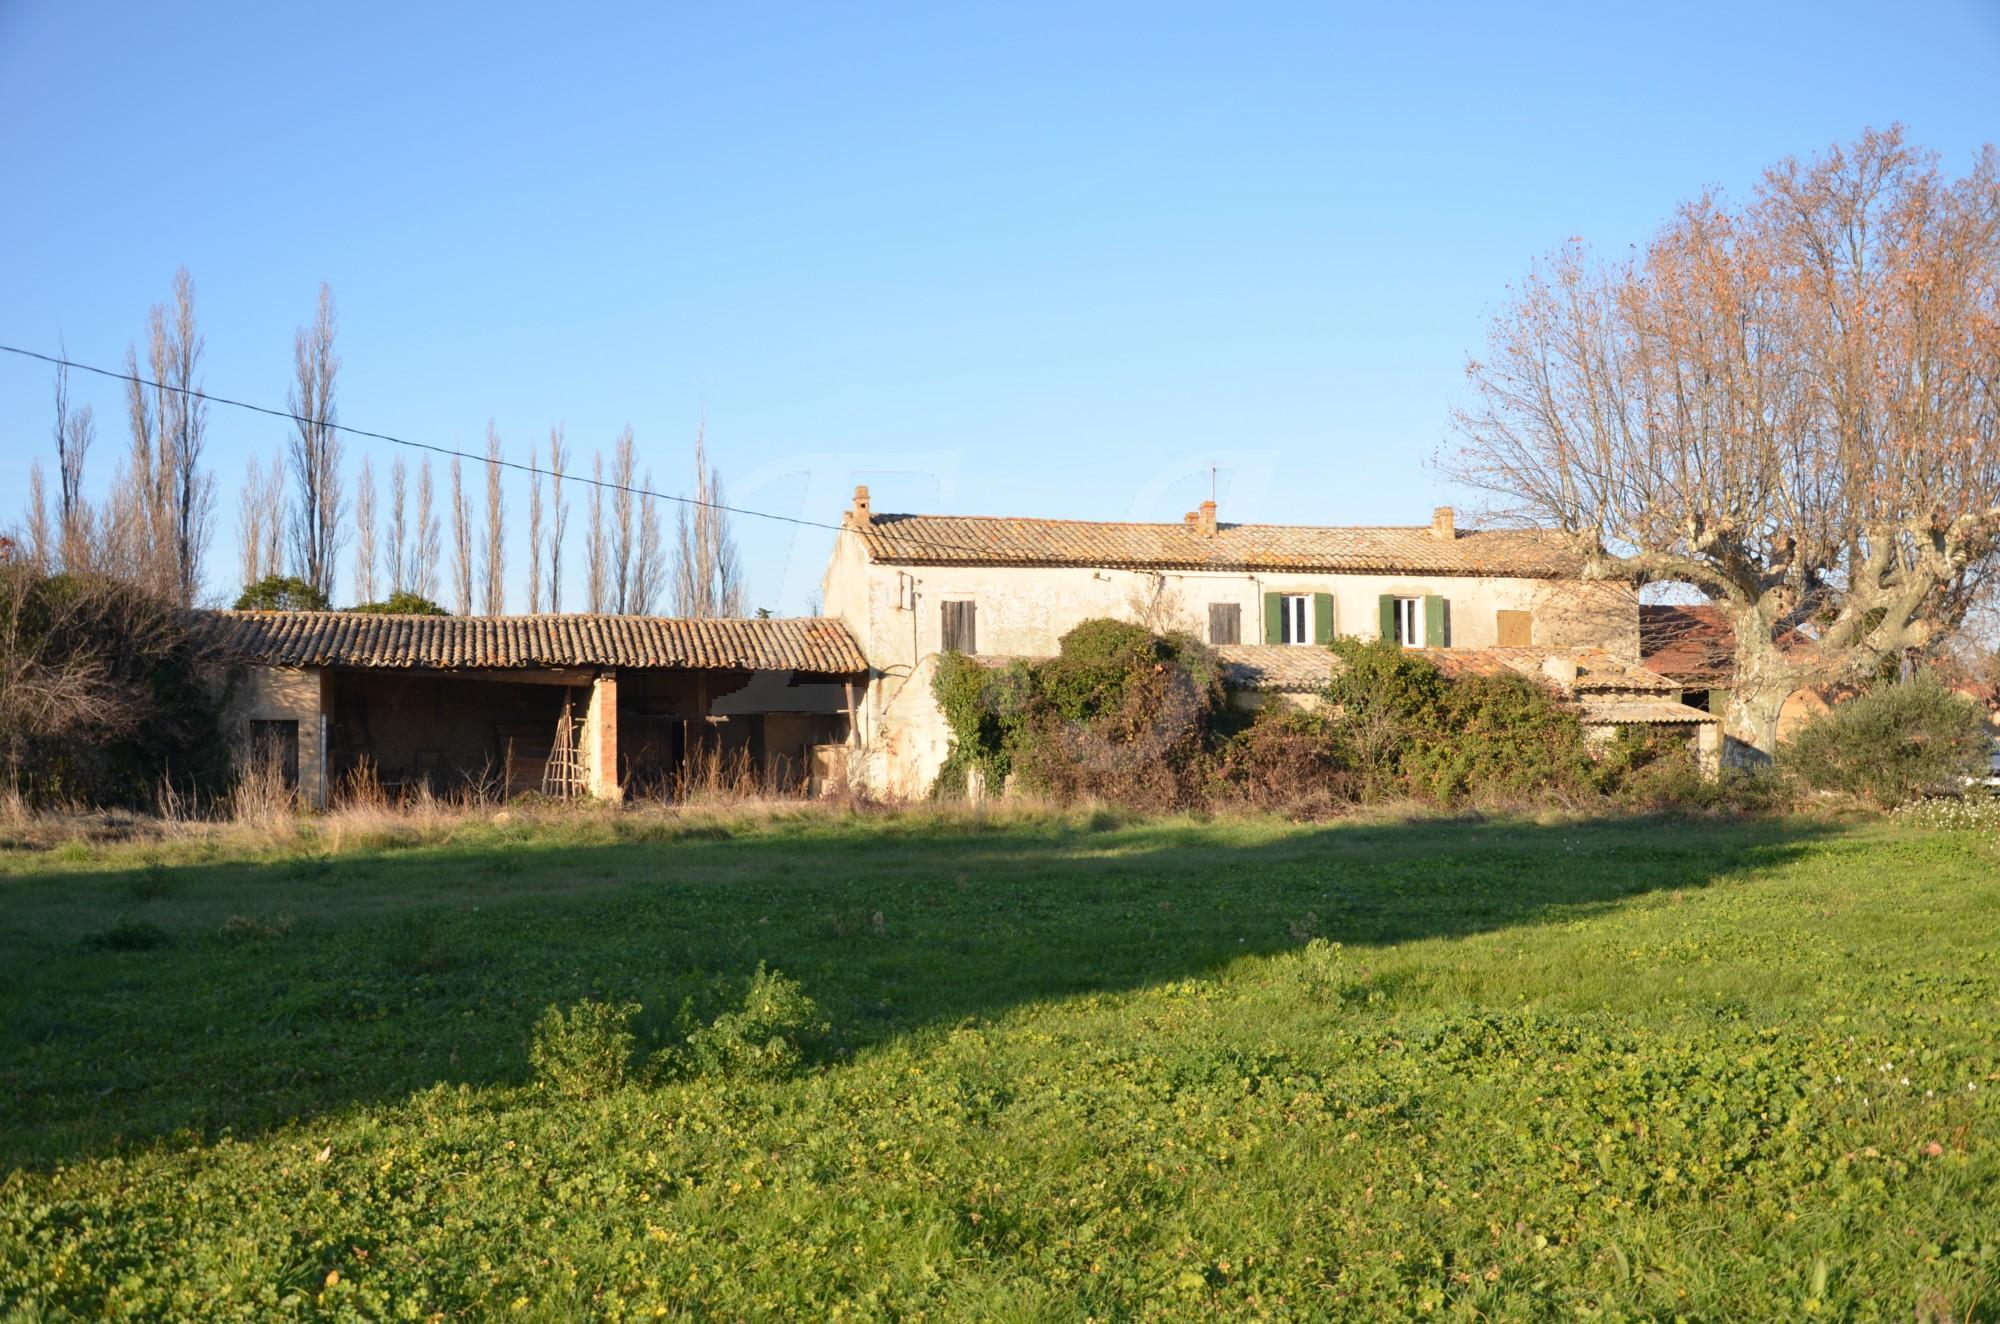 Mas proven al t8 cavaillon en pierres restaurer sur grand terrain agricole bien vendu l for Construction terrain agricole